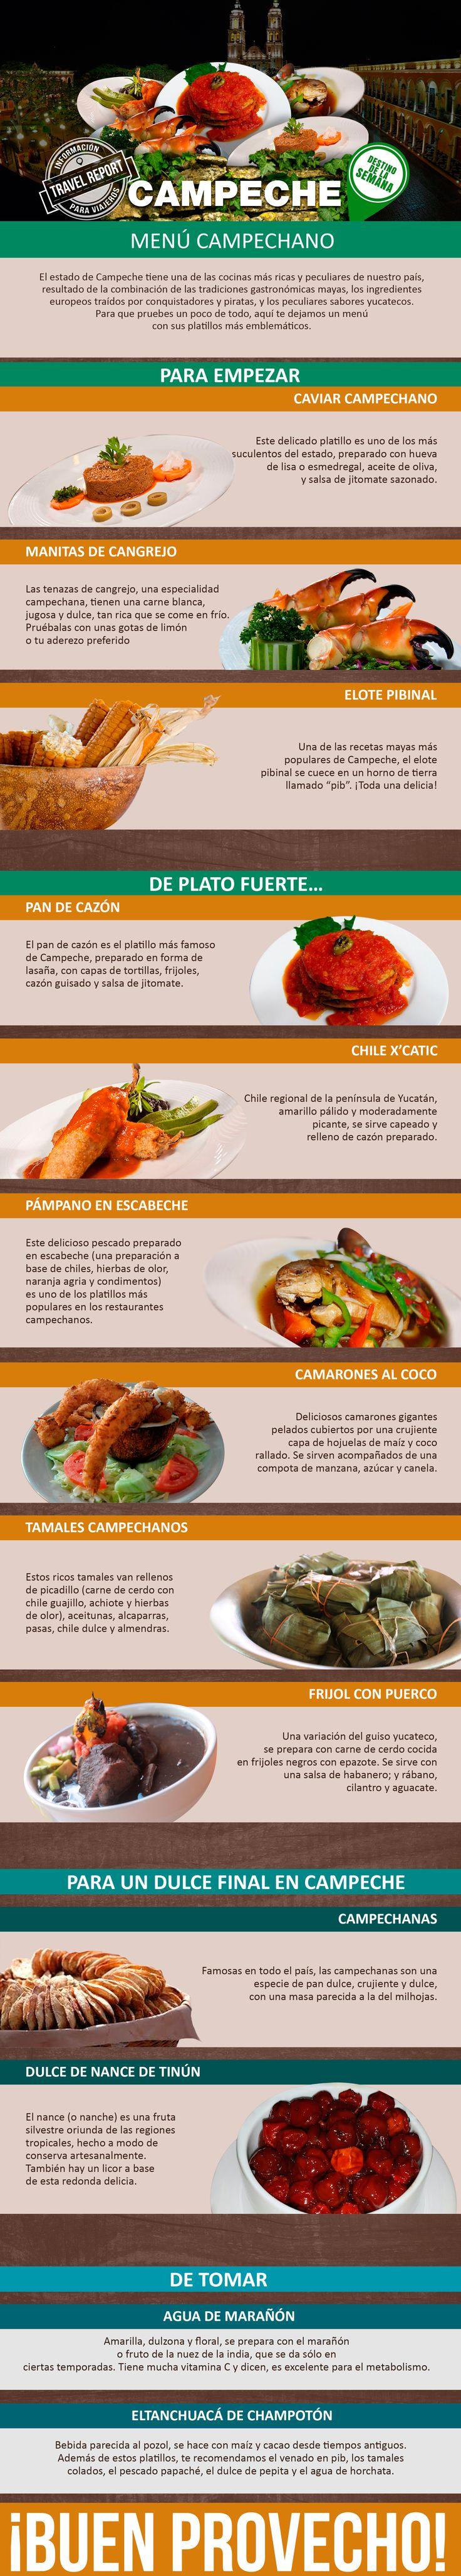 Campeche: Qué no puedes dejar de comer si vas